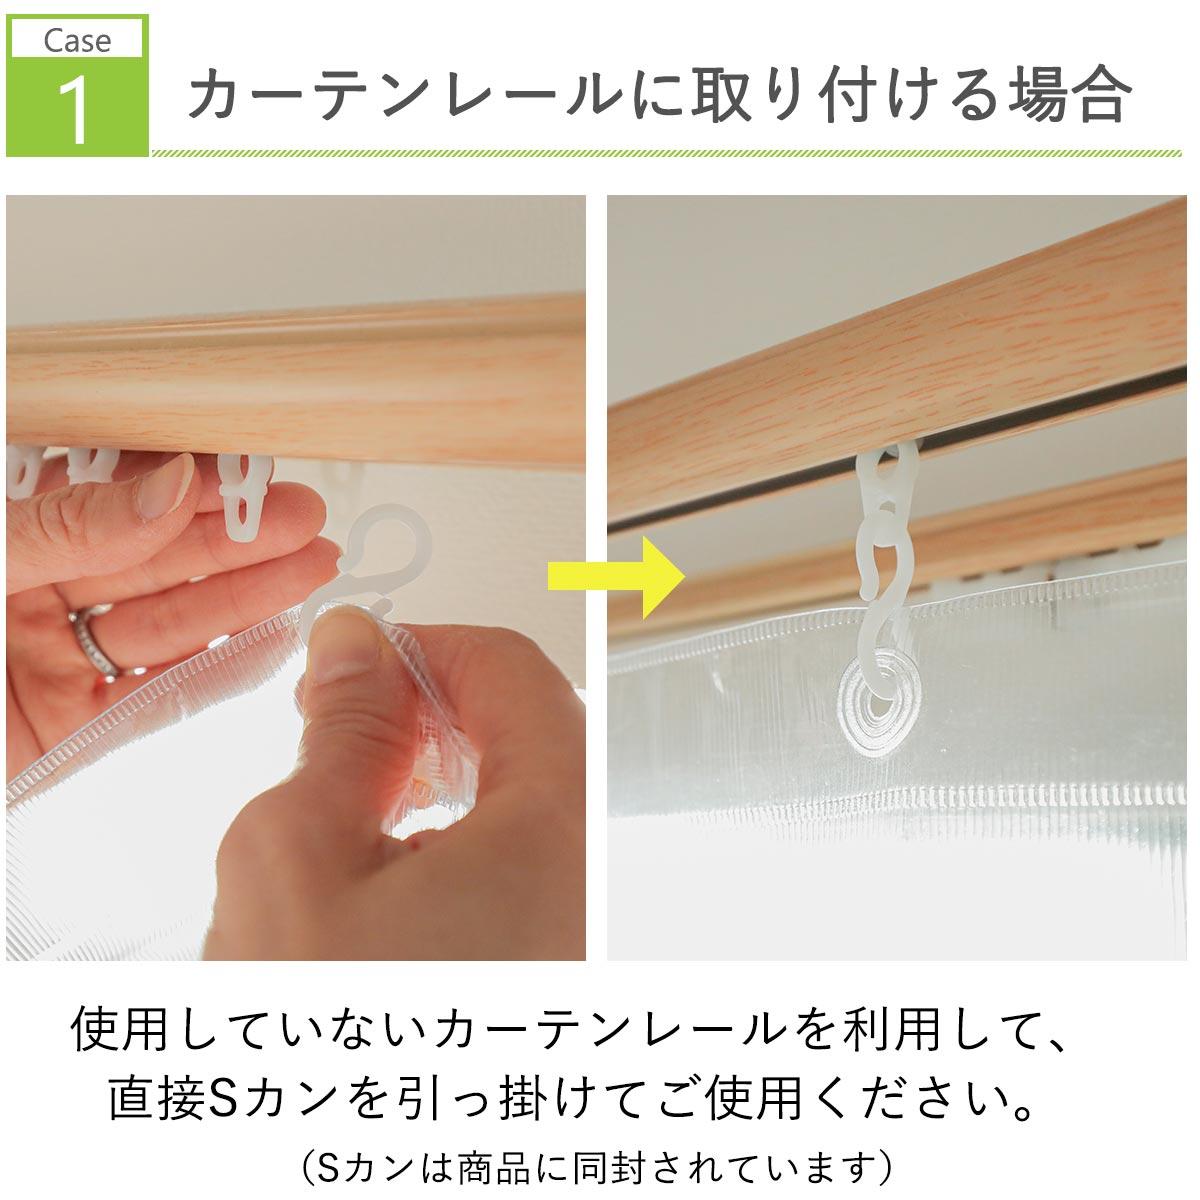 断熱カーテンライナー取り付け方法1